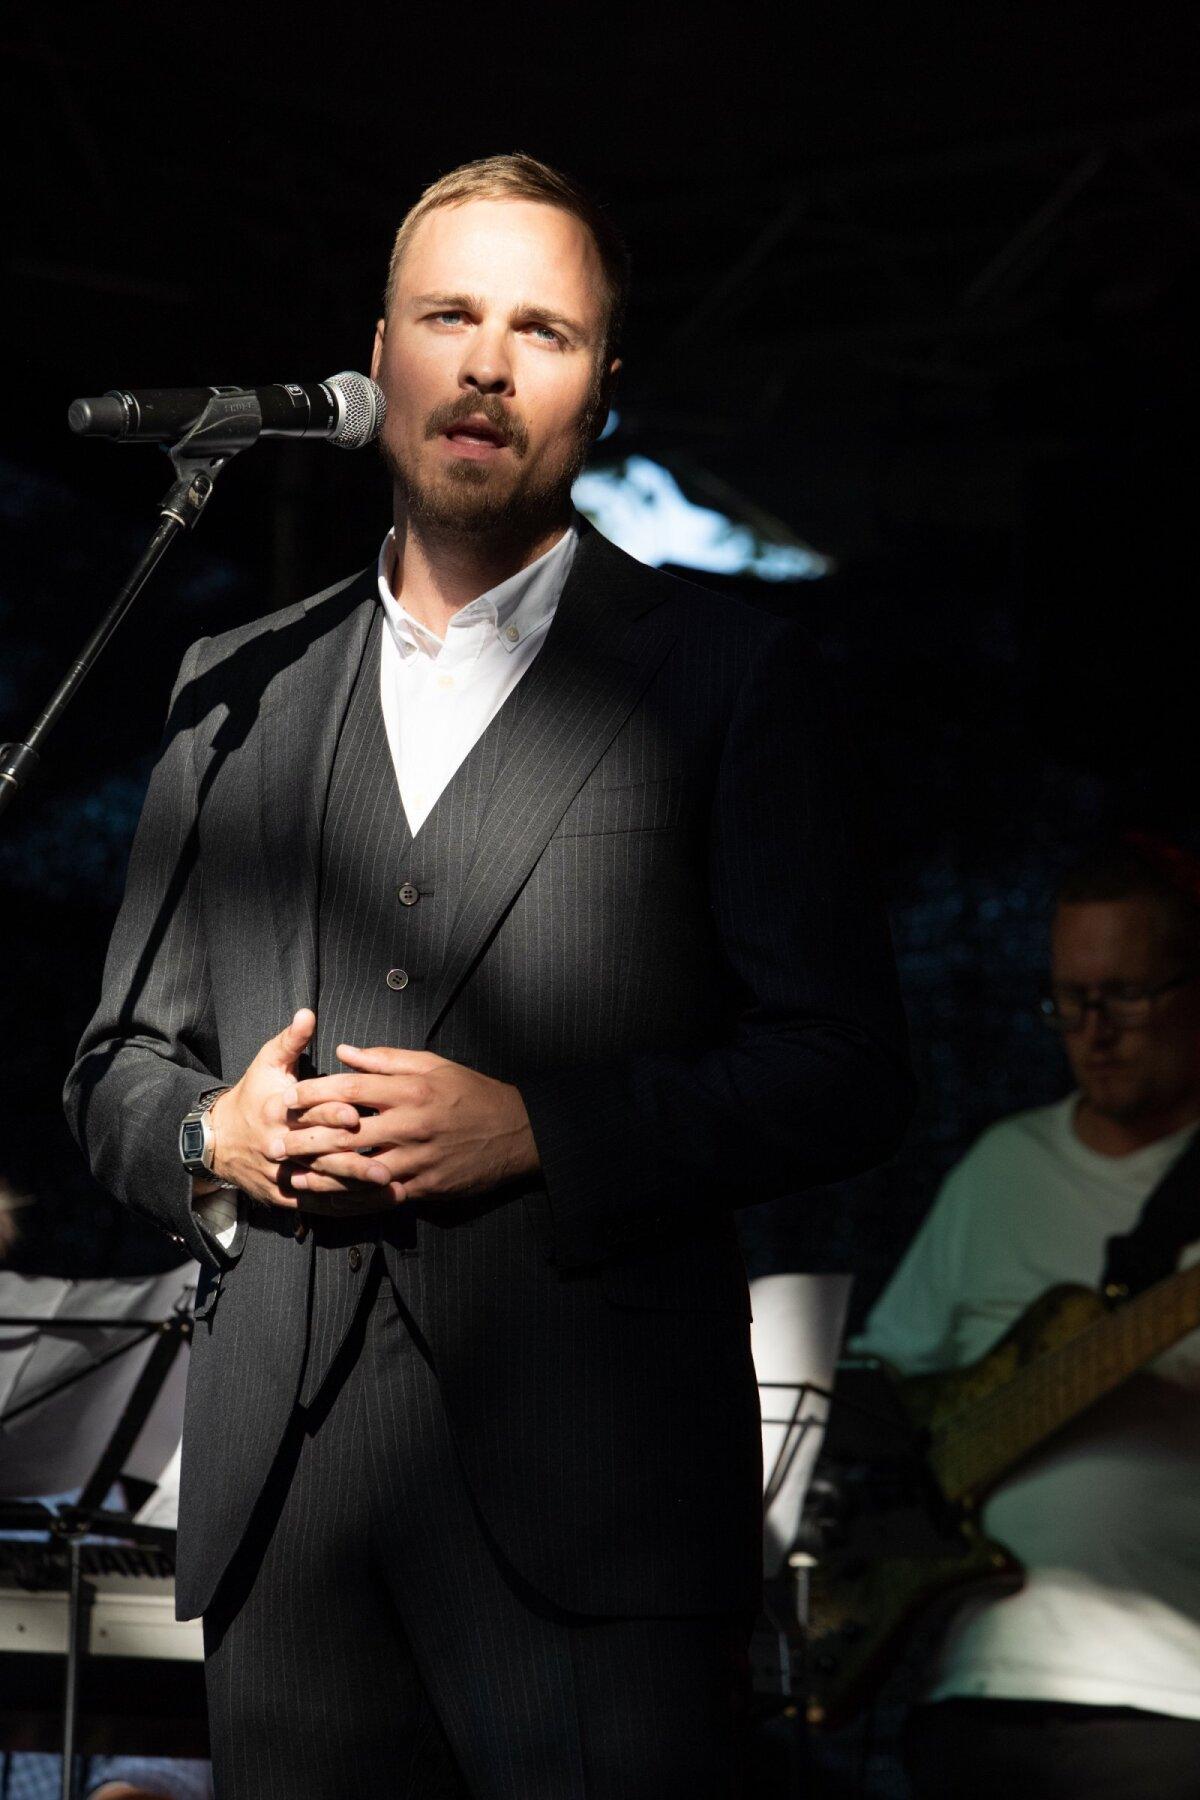 """ROLLIS """"Vaikiva ajastu varju"""" ettekandel astus solistina lavale ka Valter Soosalu, kes kehastas sellist ajaloolist tegelast nagu Artur Sirk."""